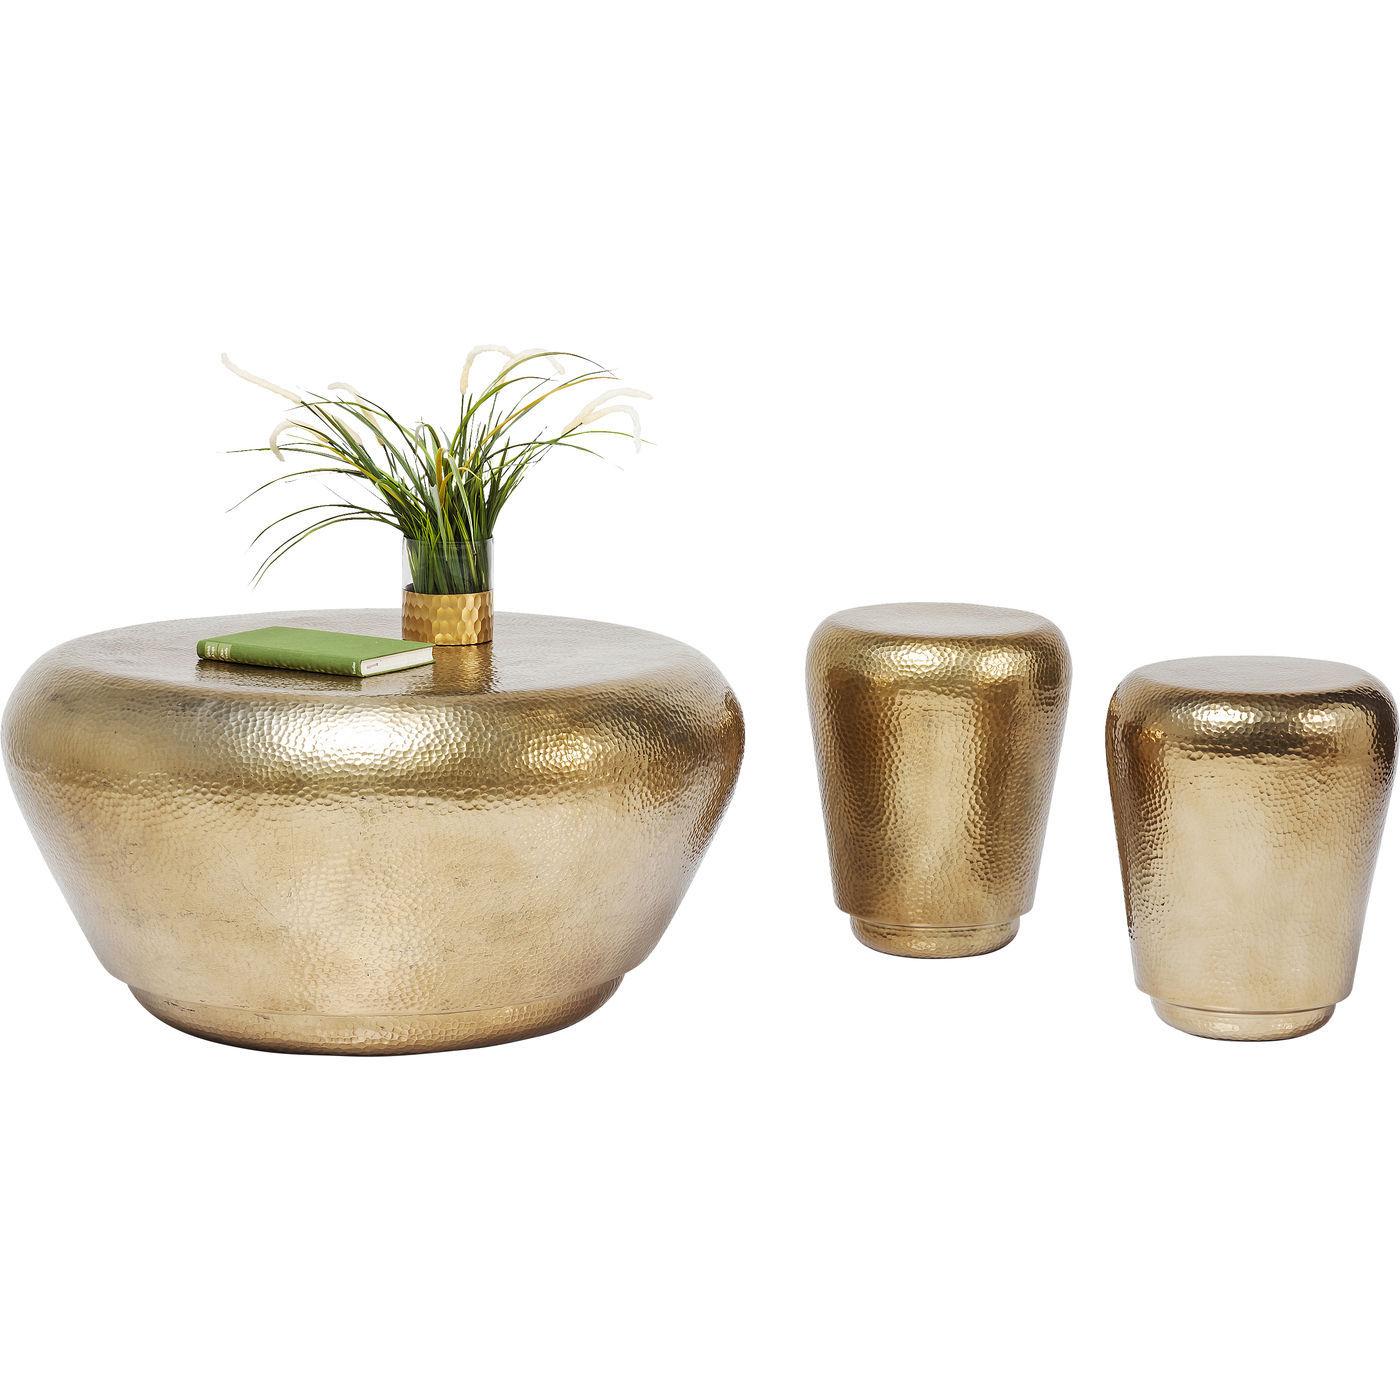 Billede af Kare Design Sofabord + Stool Antico Brass